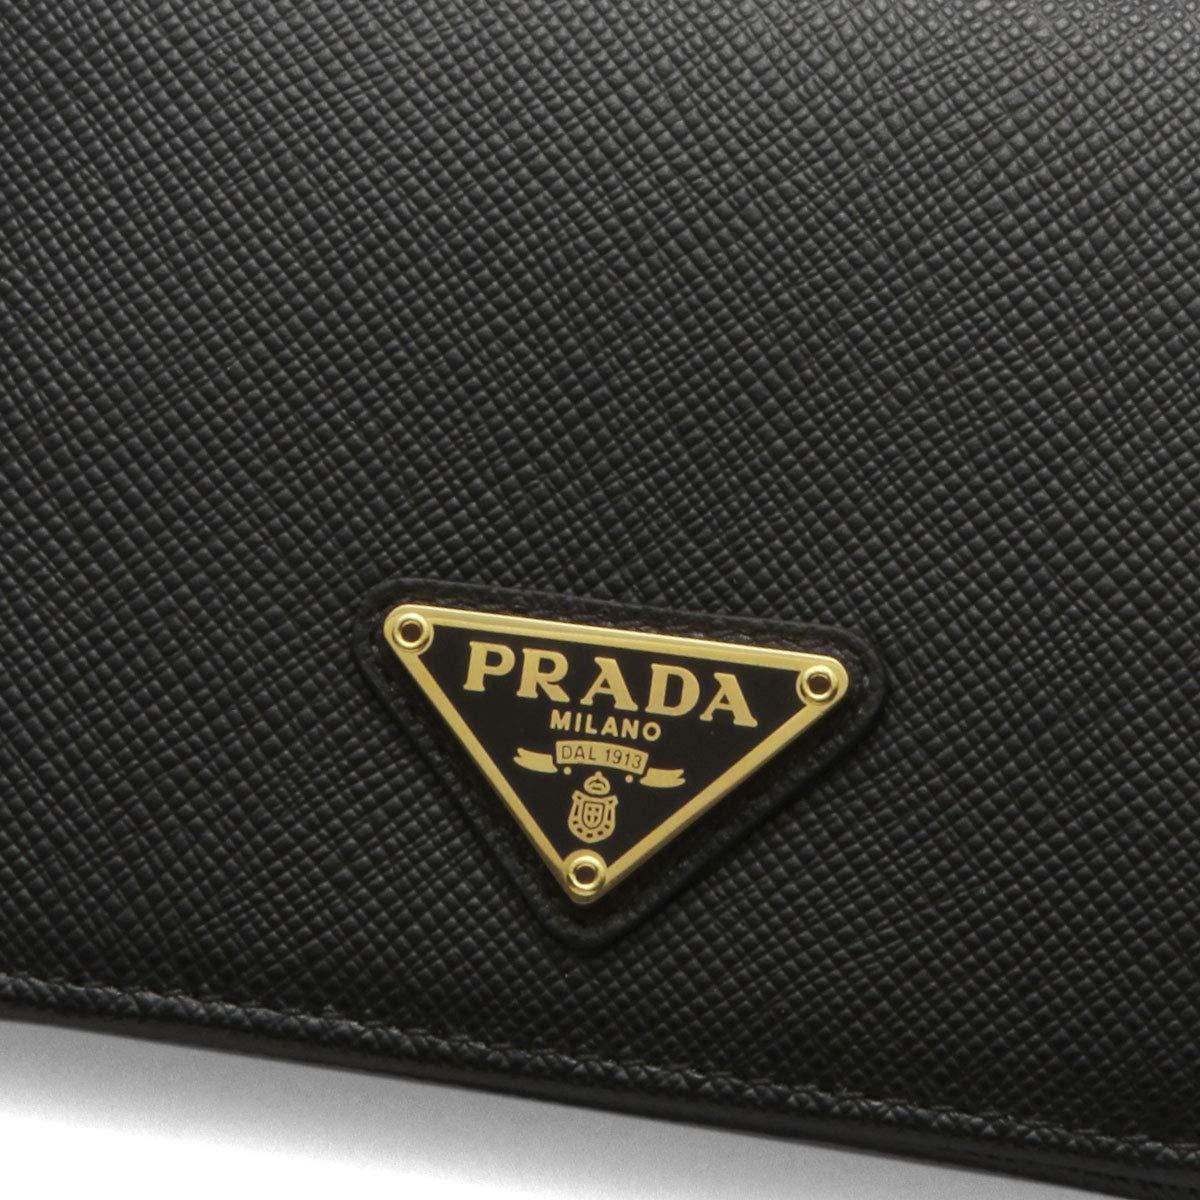 da51e0e203d4 三角ロゴプレート 財布 トライアングル プラダ レディース ブラック サフィアーノ 1MV204 QHH F0002 PRADA 二つ折り財布